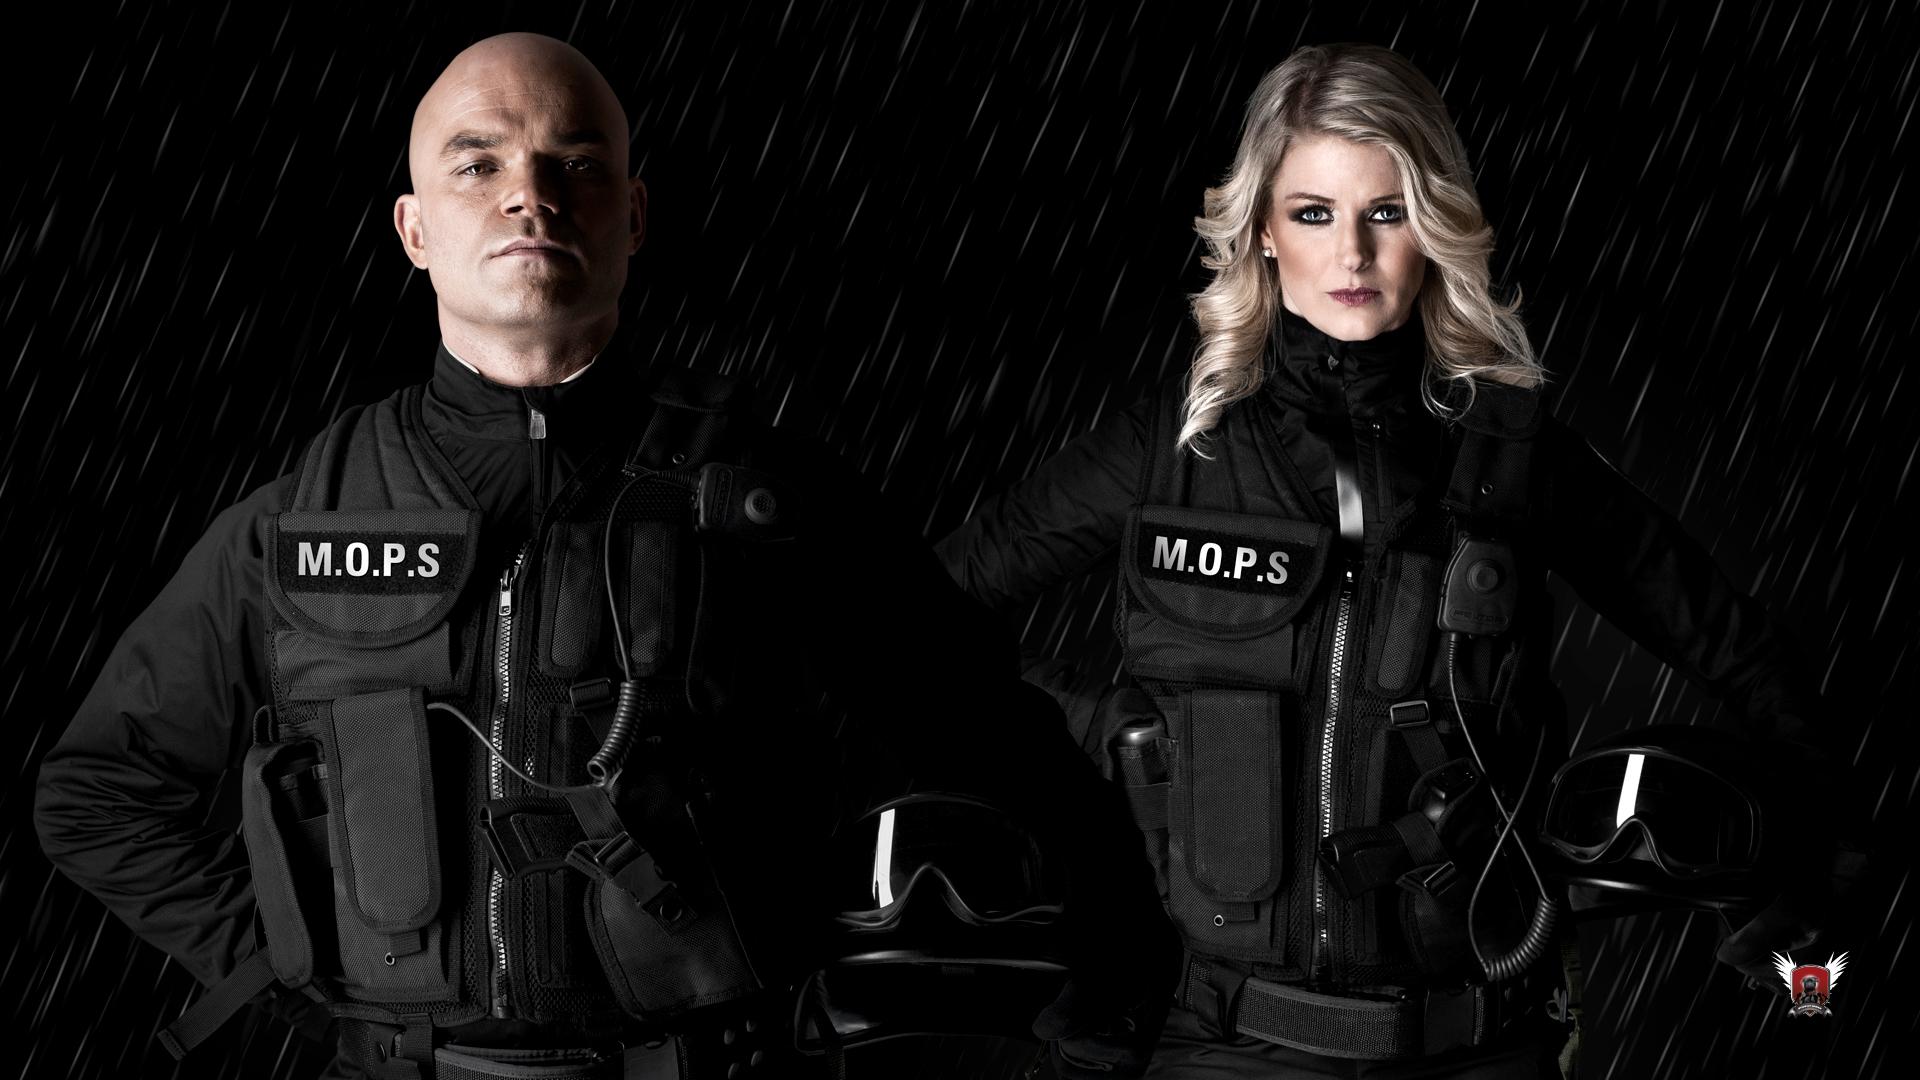 MOPS SWAT